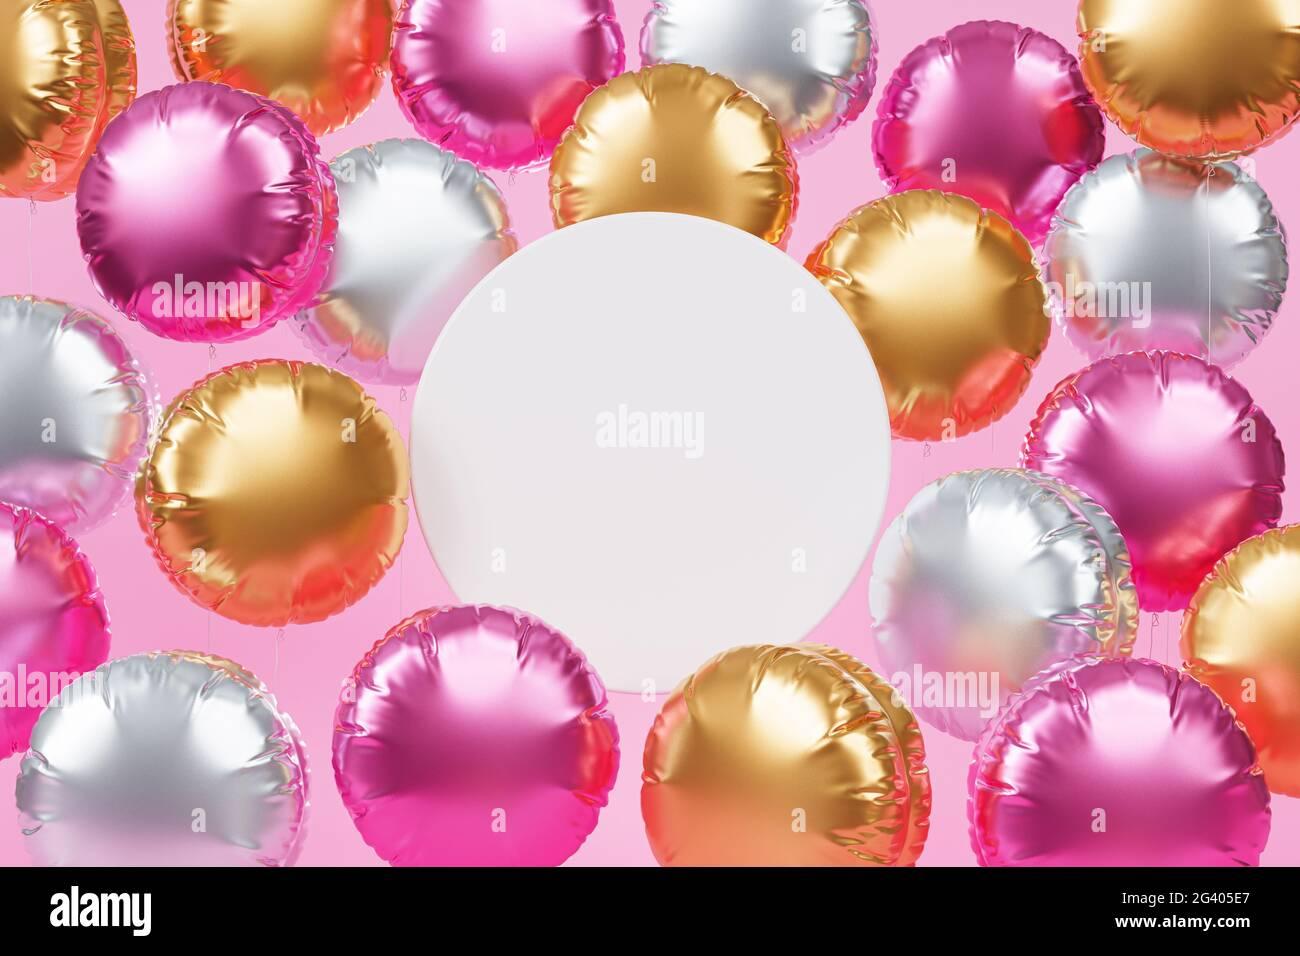 Brillantes globos coloridos con espacio de copia, fondo rosa para fiestas, cumpleaños, celebraciones o vacaciones, 3D render realista Foto de stock